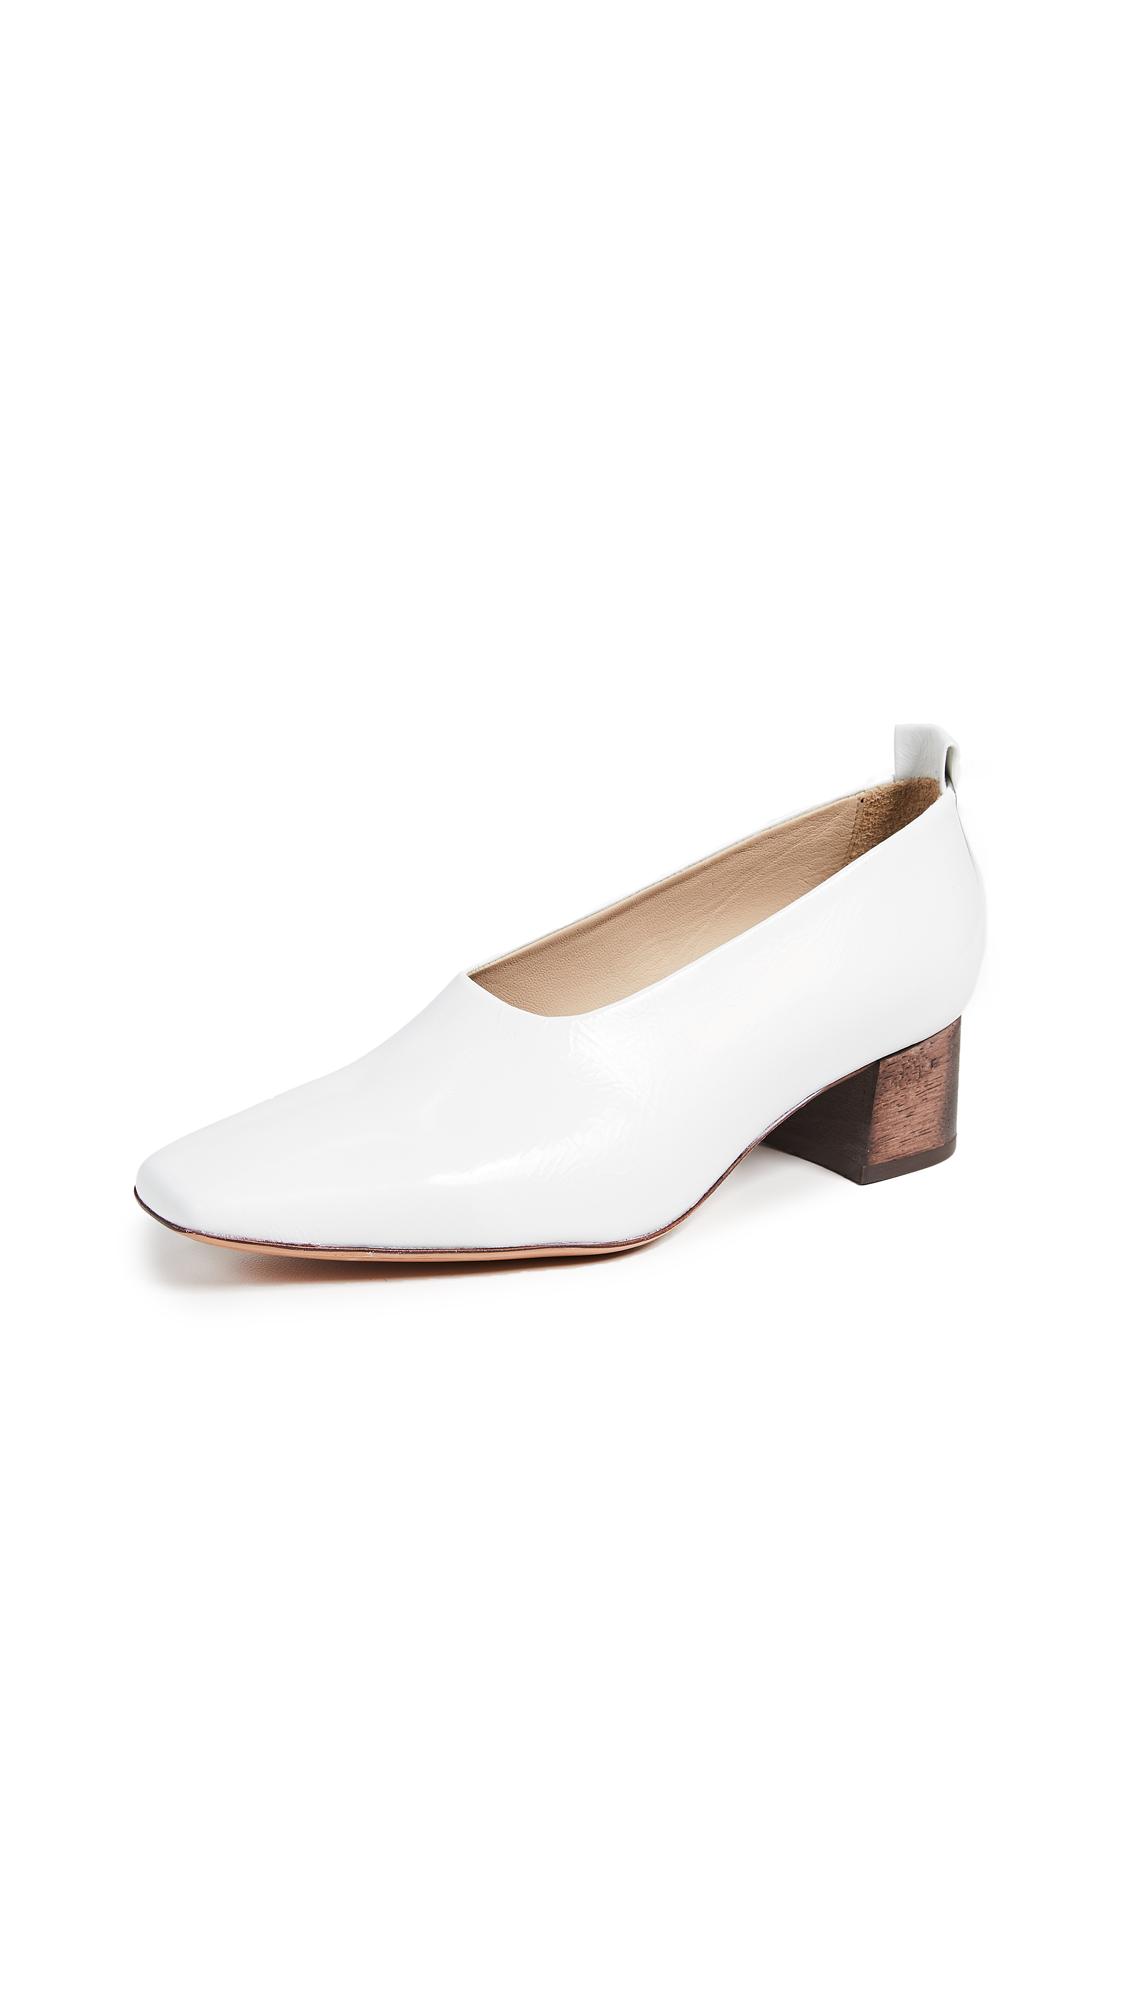 Mari Giudicelli Loren Ballerina Pumps - White